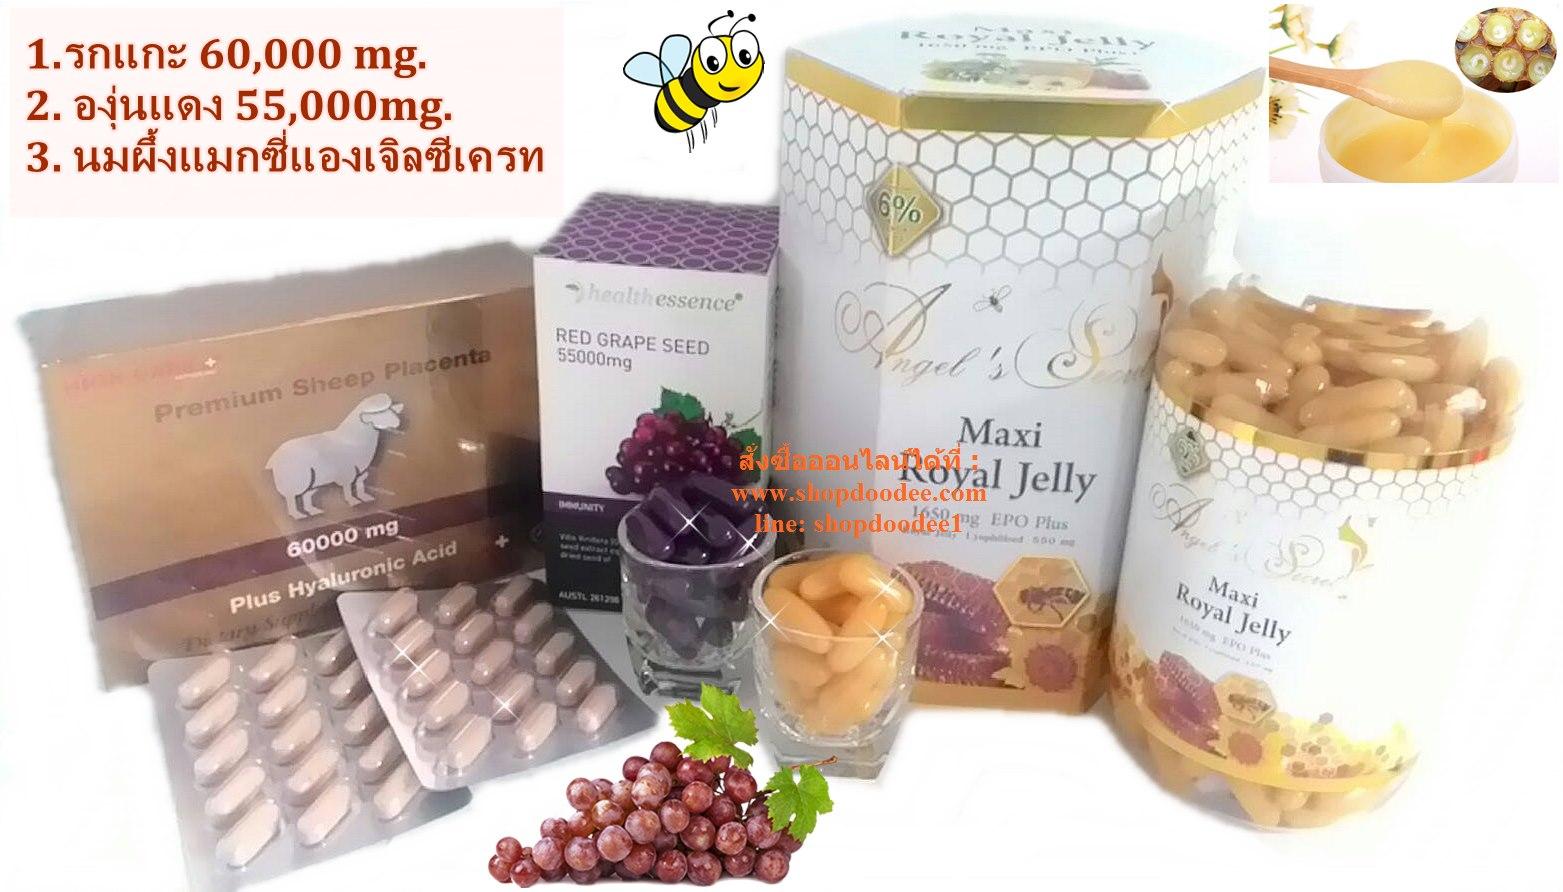 รกแกะ60,000mg. 30 เม็ด + healthessence greapeseed 55,000 mg. 30 เม็ด +นมผึ้งแองเจิลซีเครท1,650 mg. 30 เม็ด